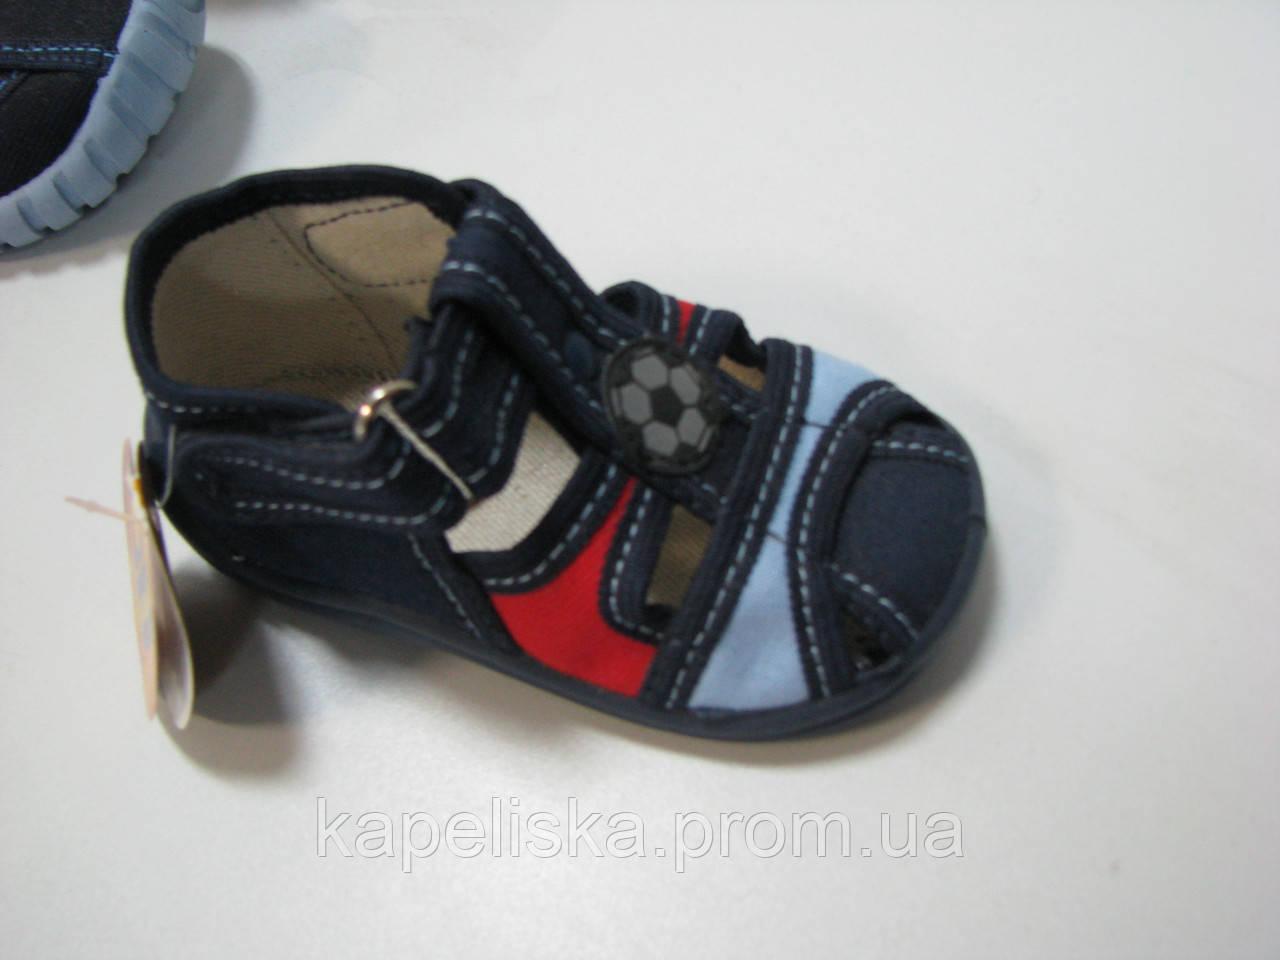 Вигами viggami тапочки для мальчика, босоножки,  макасины,обувь